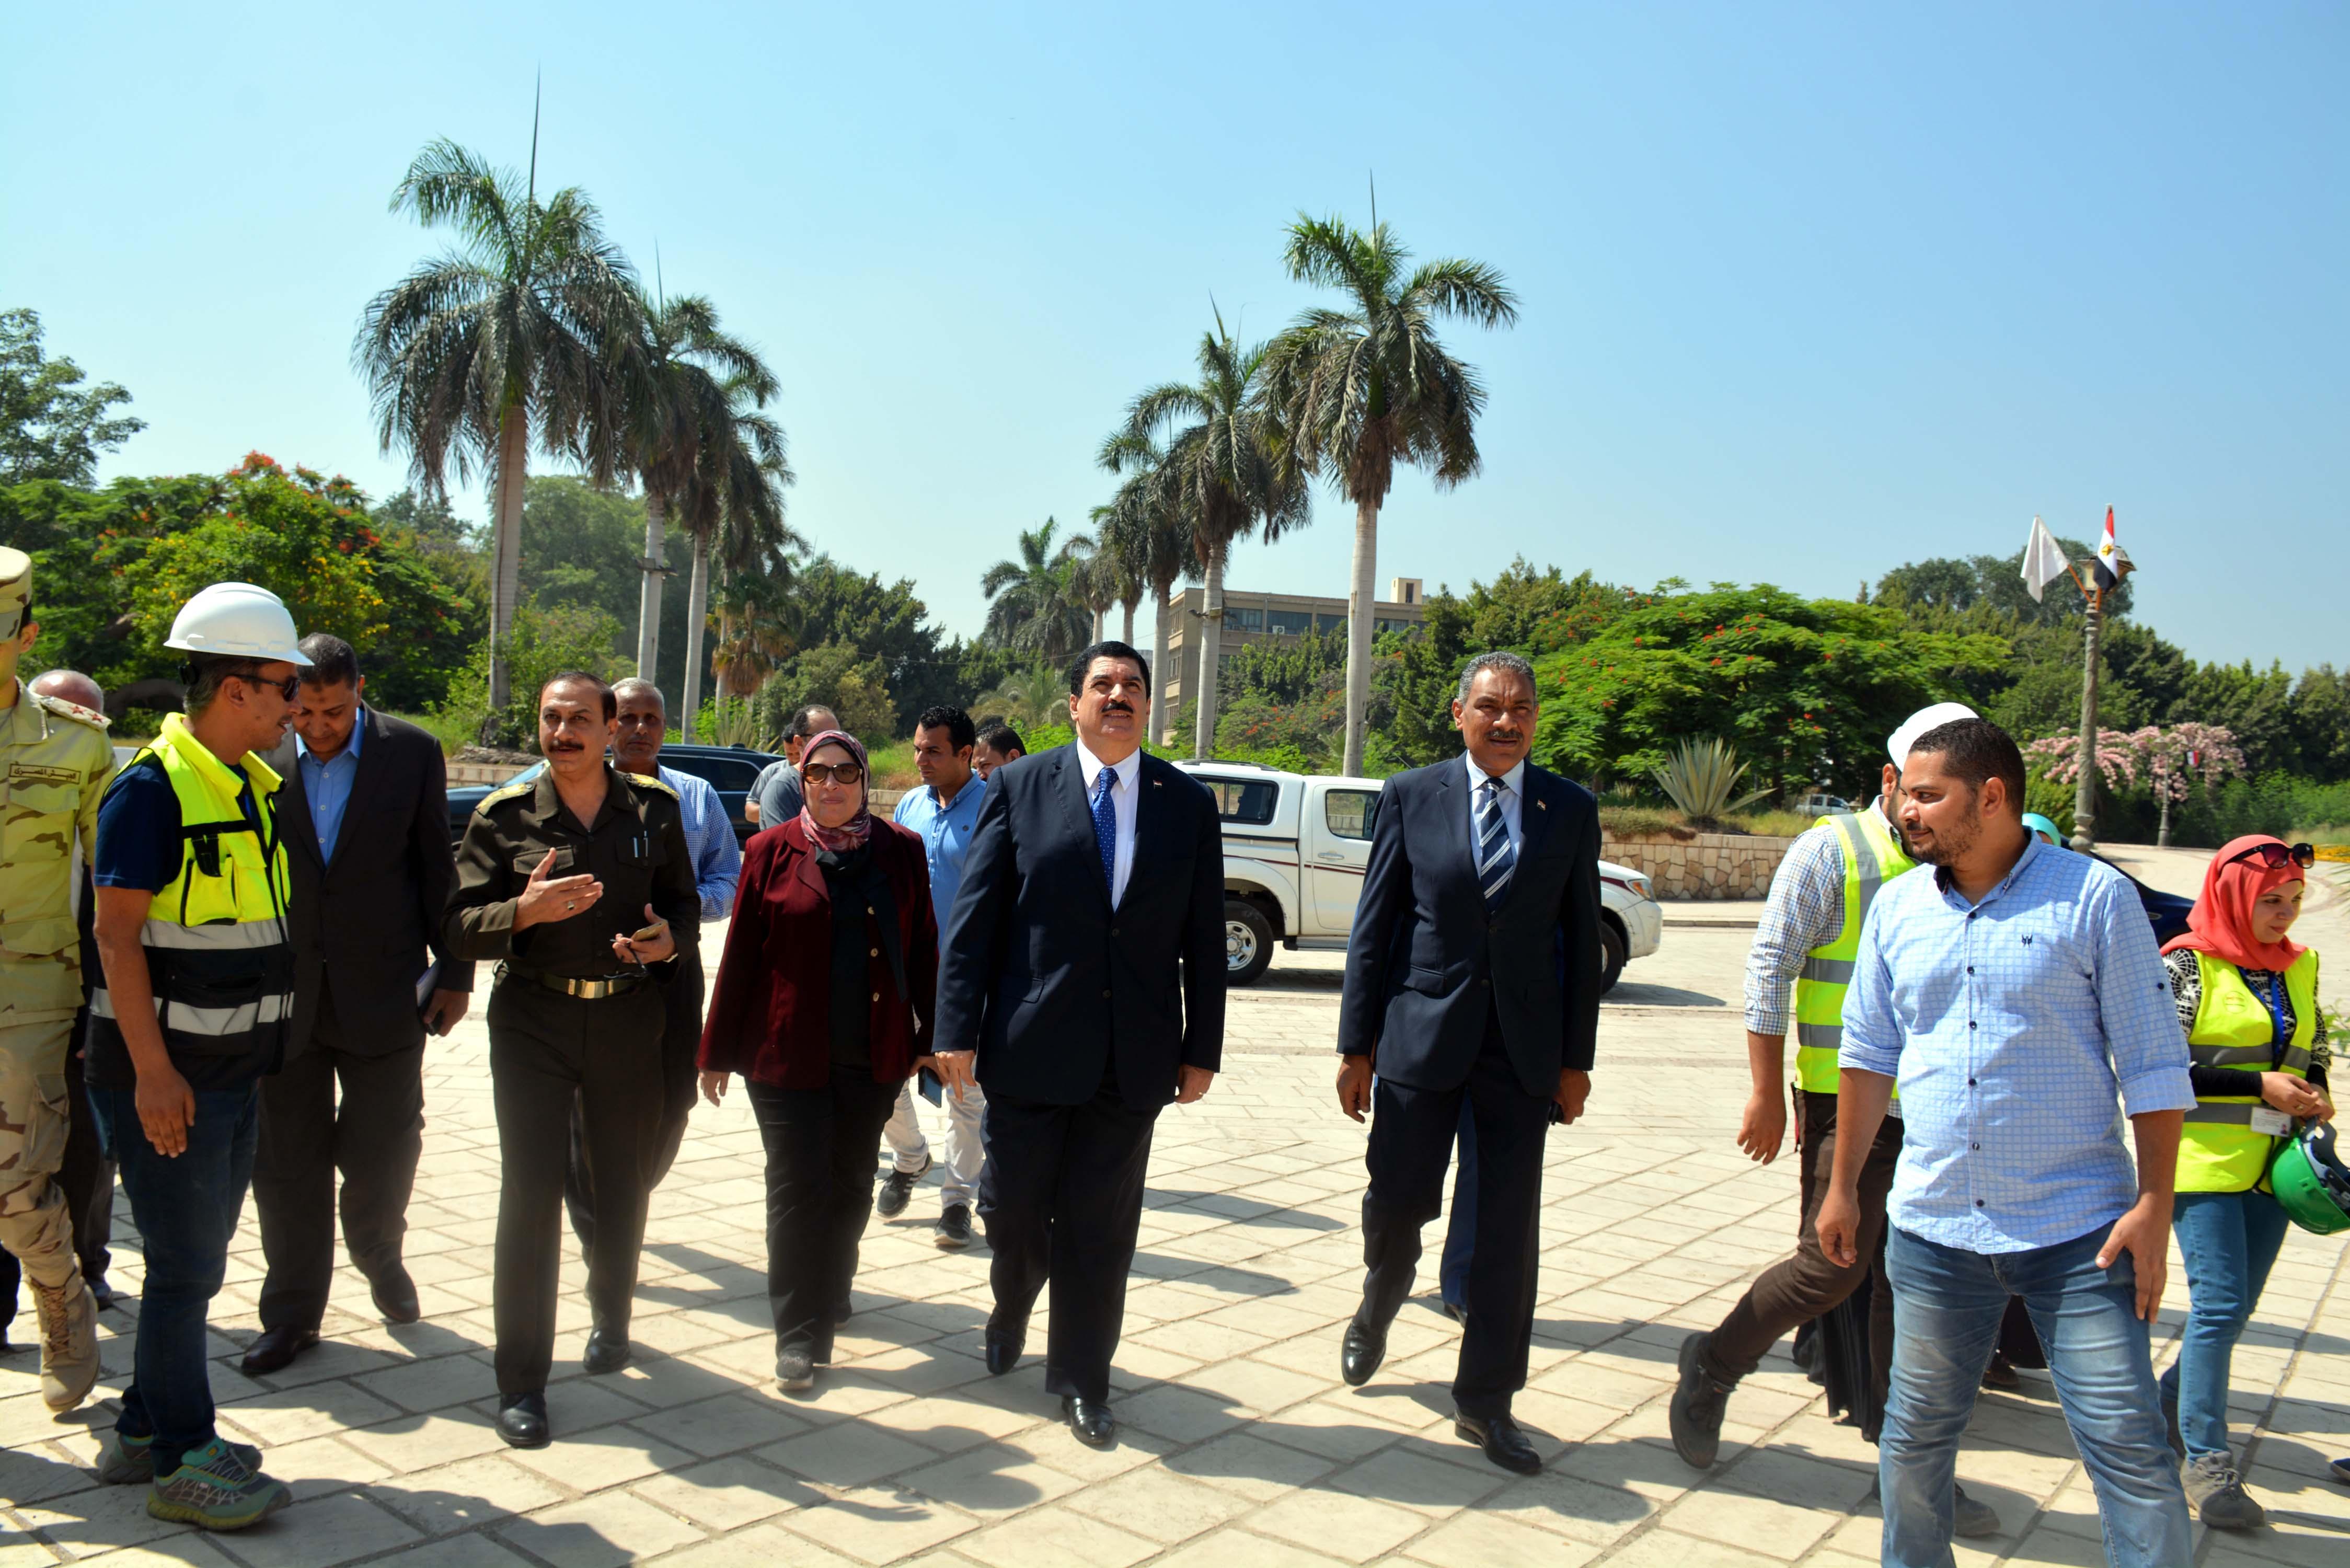 محافظ القليوبية يتفقد أعمال ترميم قصر محمد على بشبرا الخيمة (3)